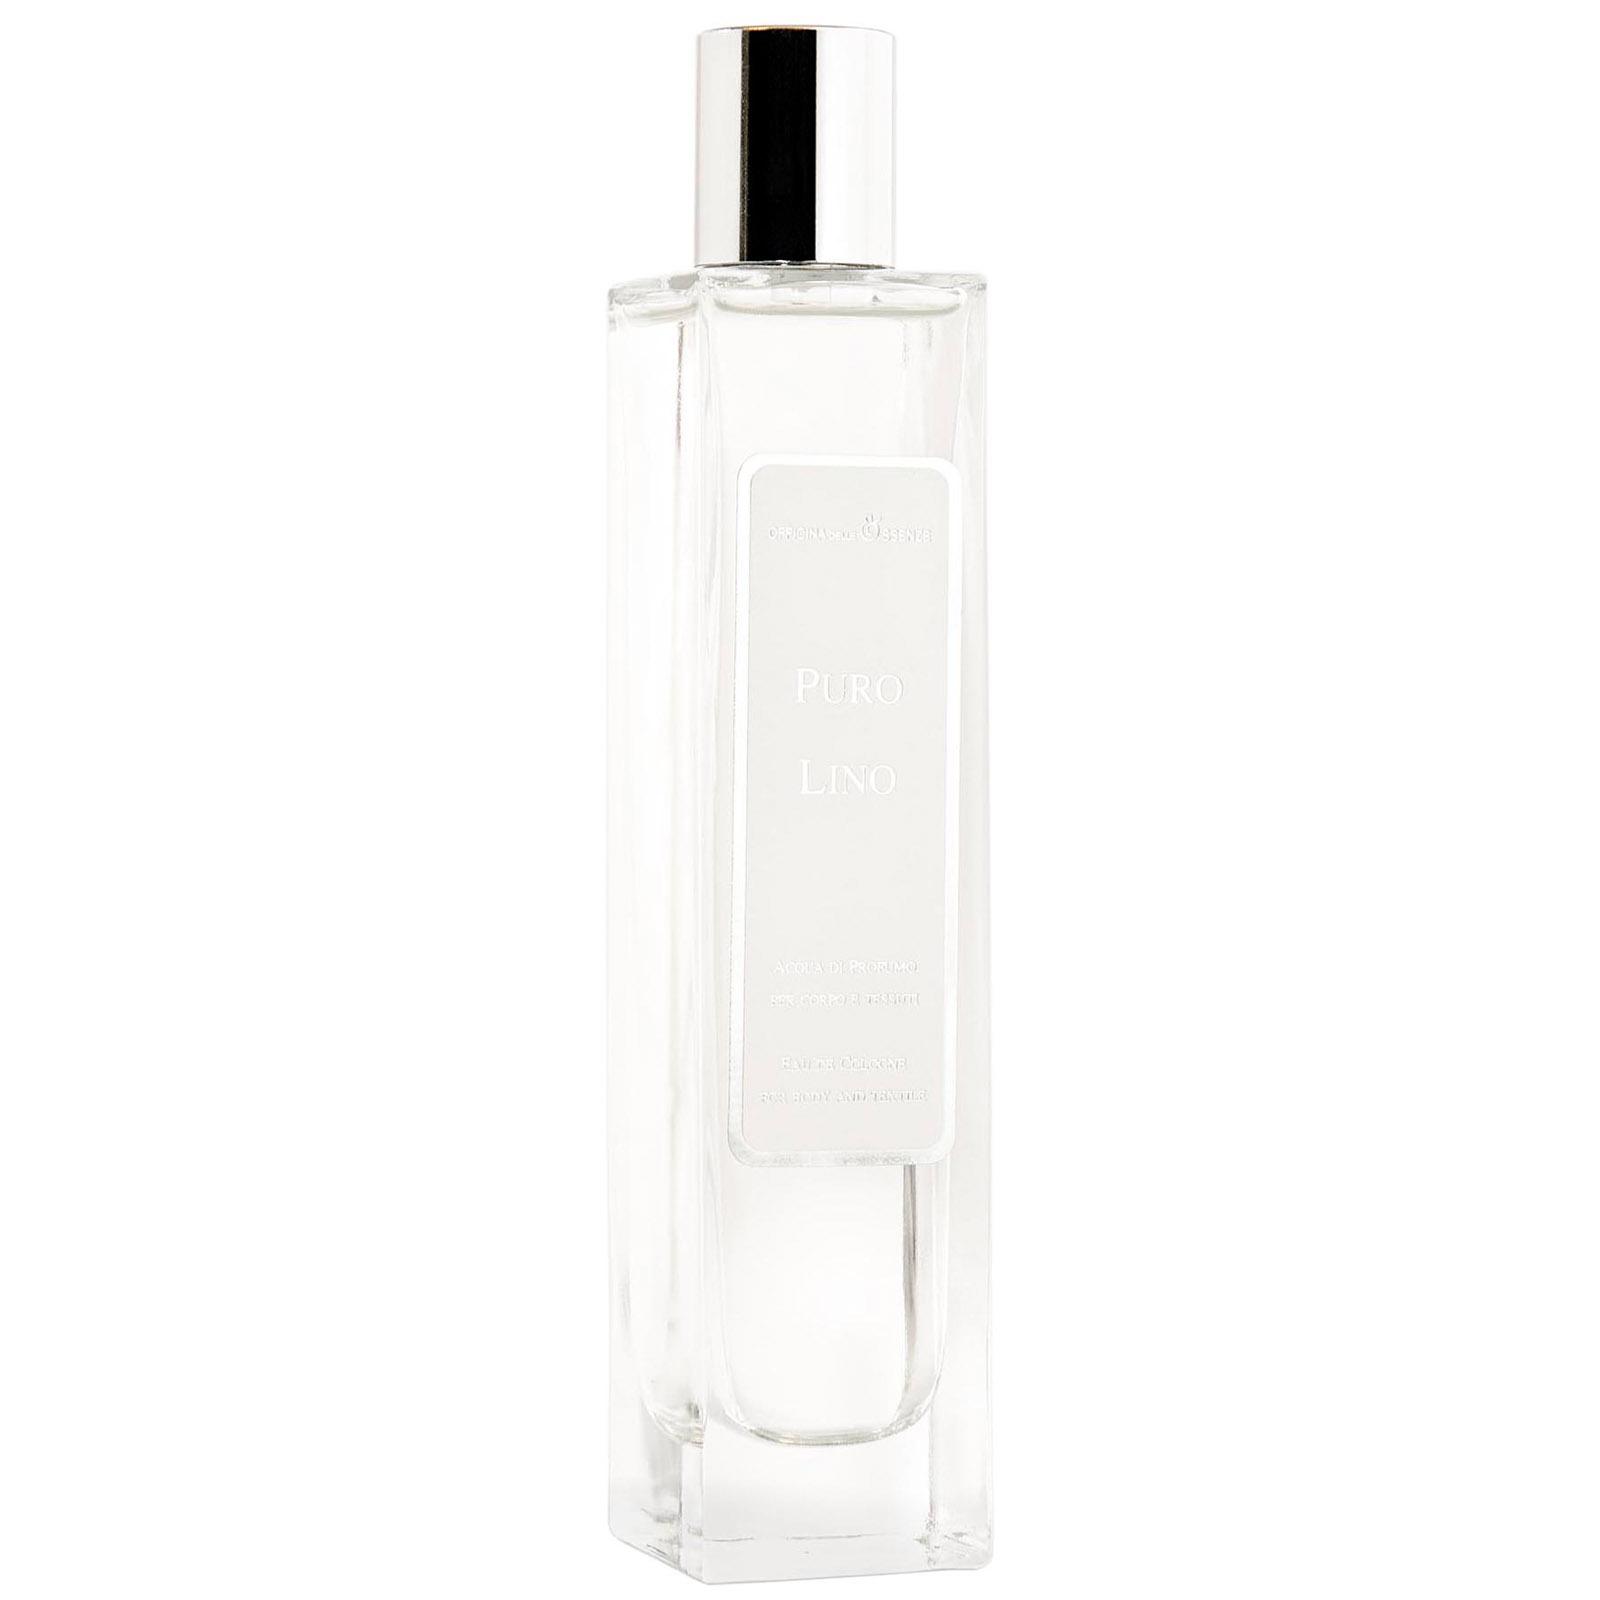 Officina Delle Essenze Puro lino perfume eau de cologne 100 ml  - White